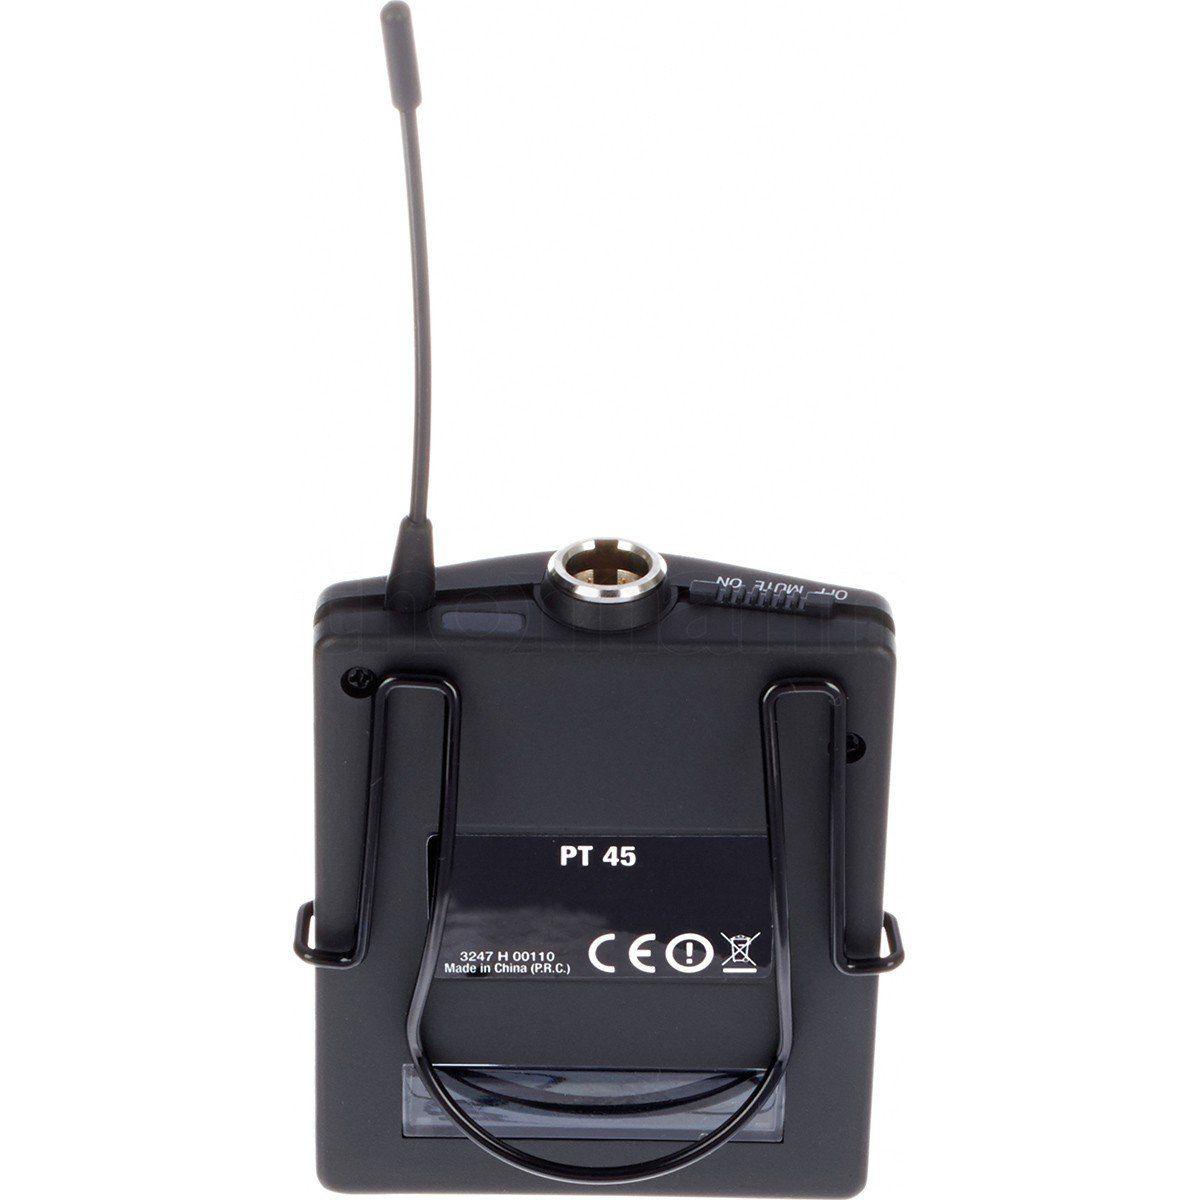 Akg Perception PW45 Microfone Akg Perception-PW45 Sistema sem Fio para Palestras